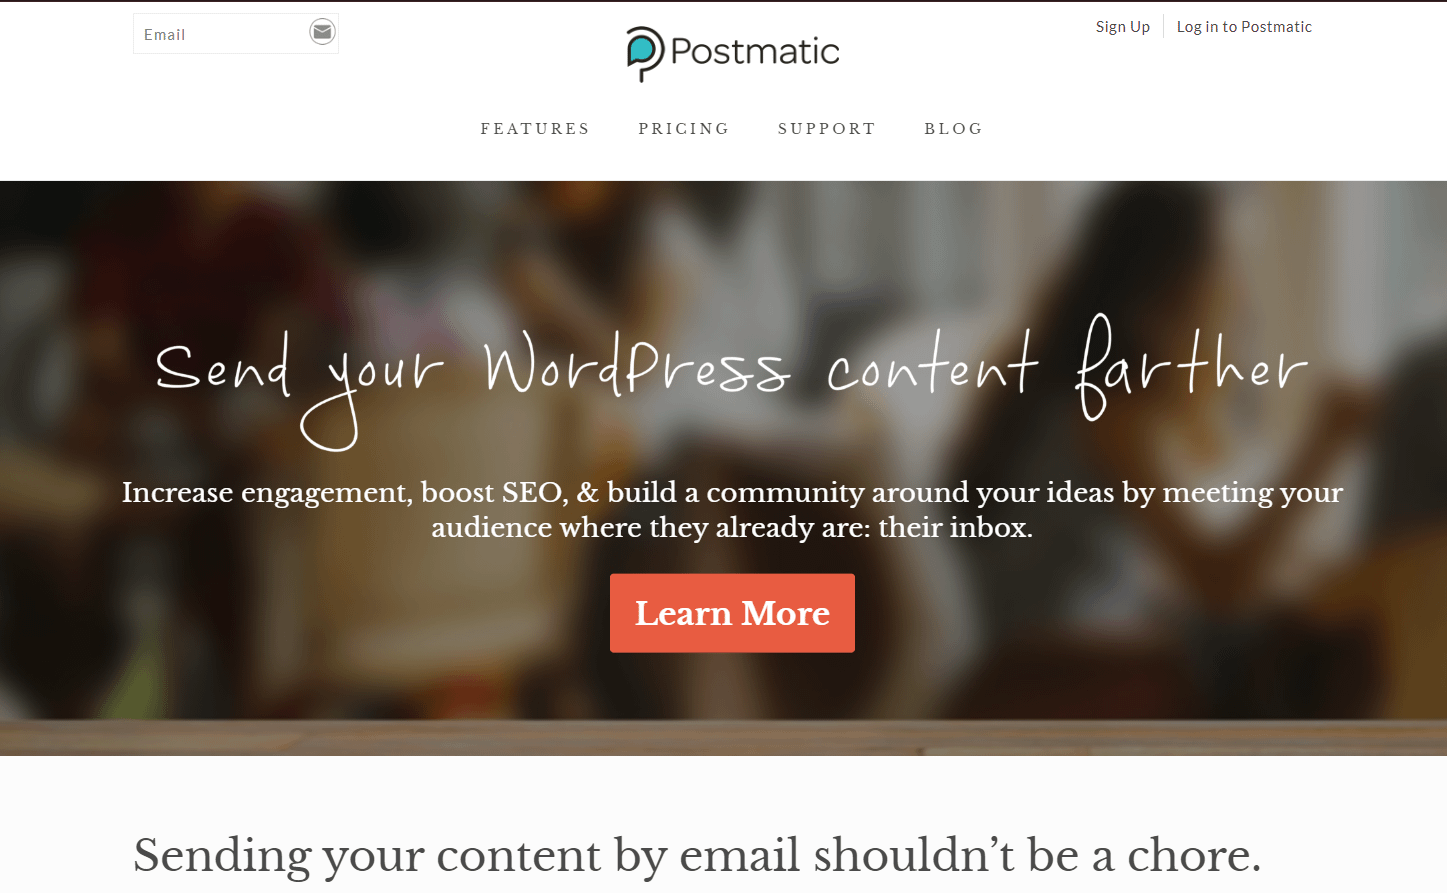 Postmatic